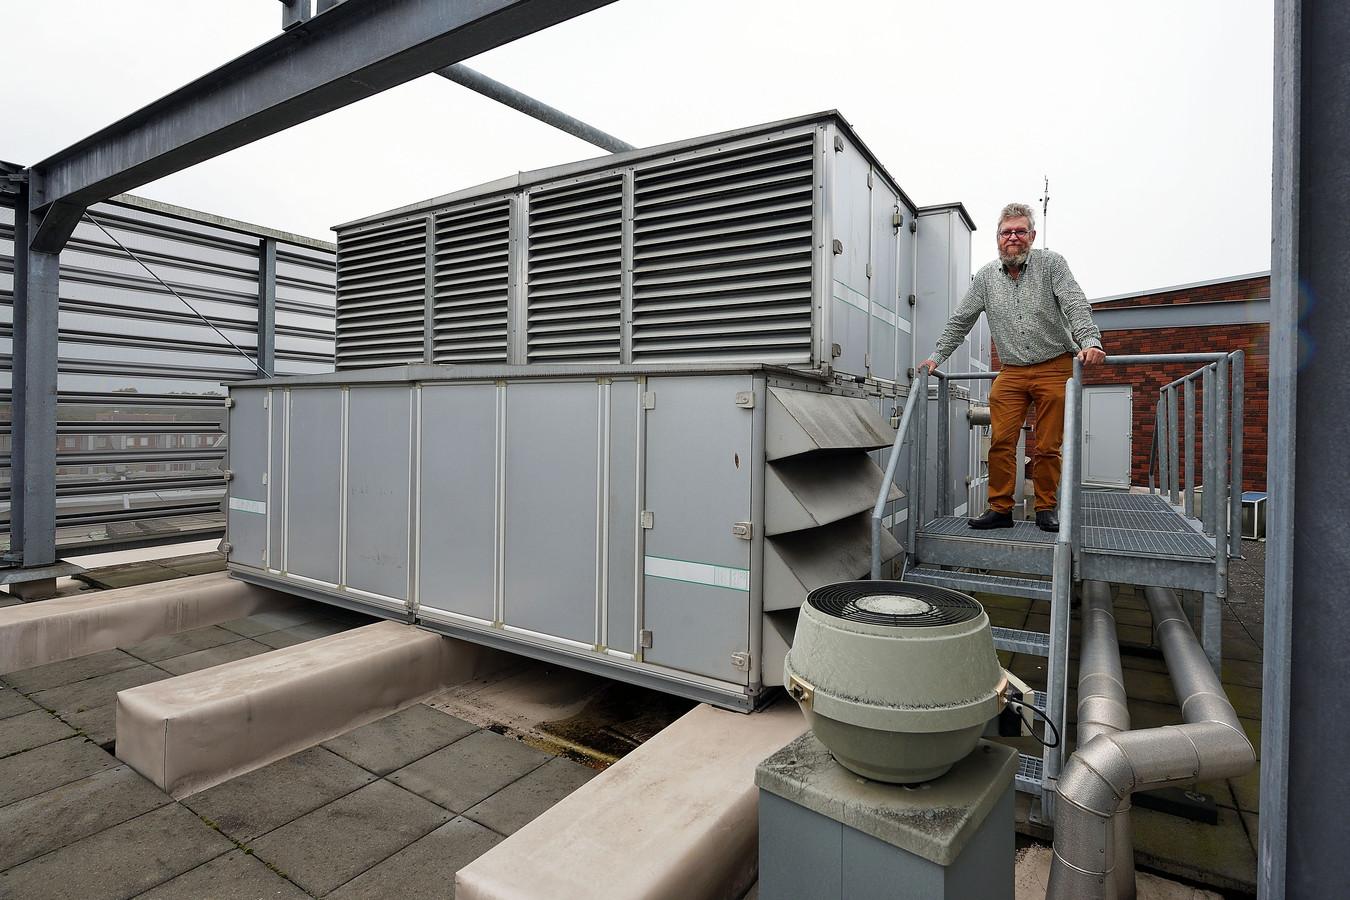 Rector Charles van Wettum bij het ventilatiesysteem van het JTC in Roosendaal. Zijn school heeft sinds 2012 juist een 'topinstallatie' om de school te ventileren, omdat deze langs de A58 ligt. Op andere scholen in de gemeente is het minder goed gesteld.